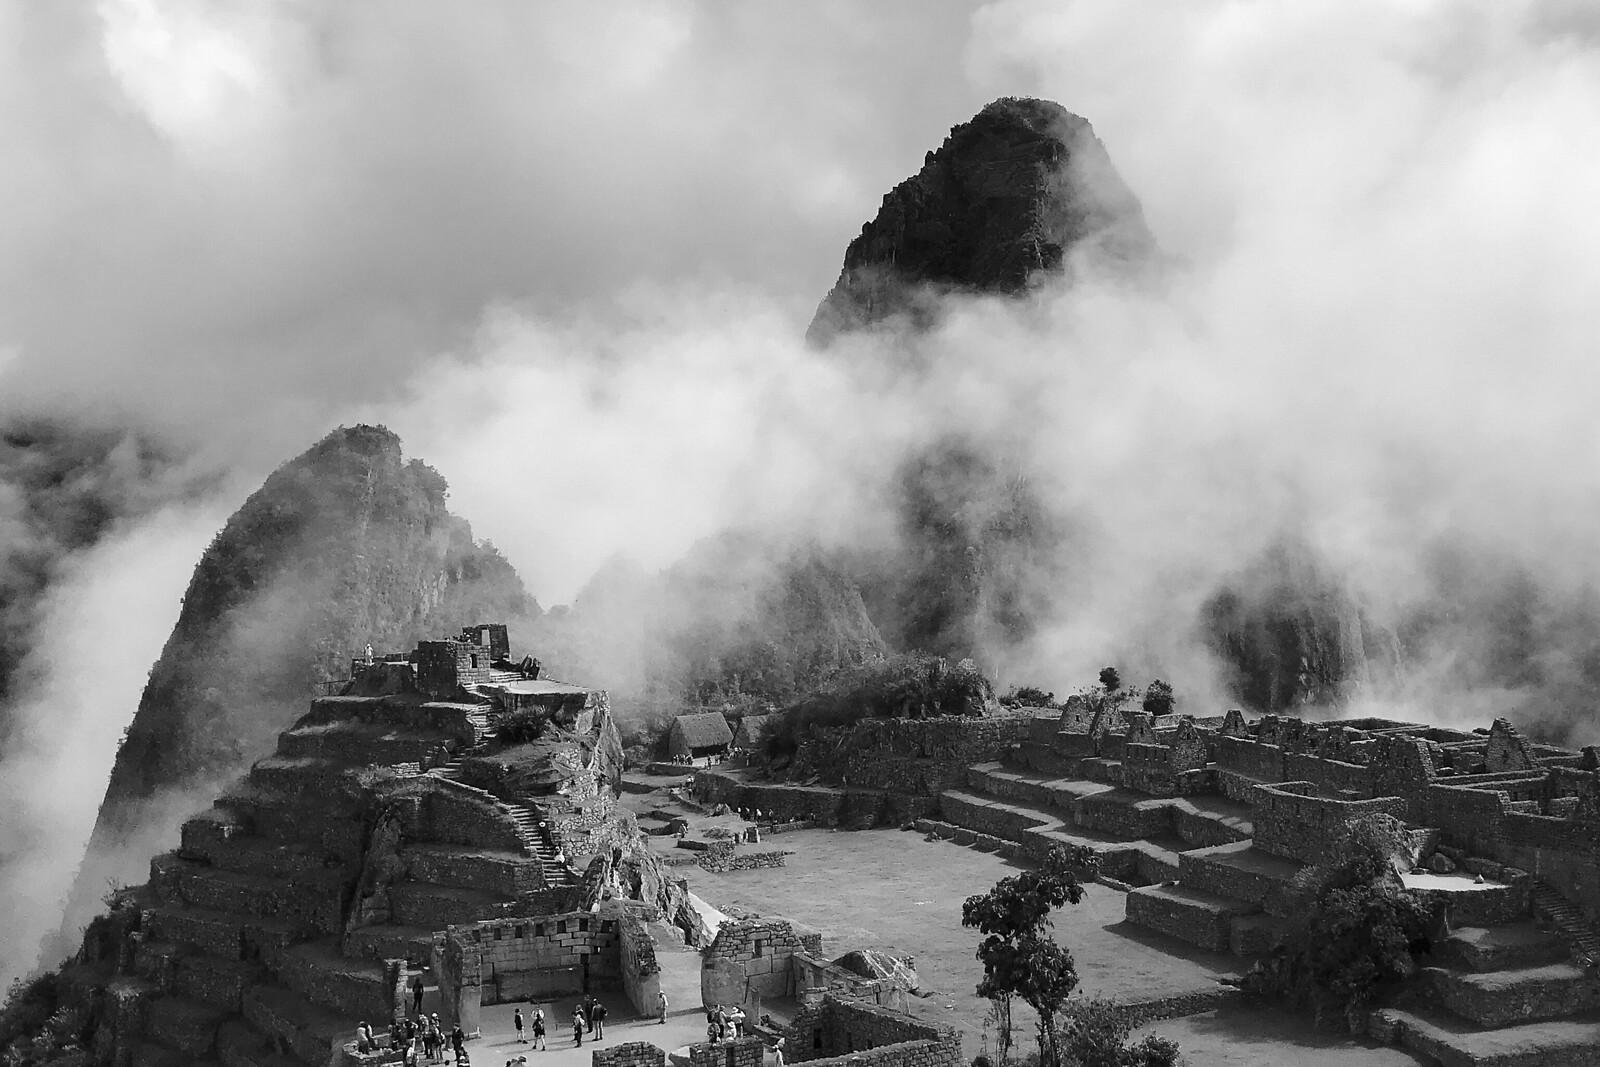 Sur les traces des Incas, de la Vallée Sacrée au Machu Picchu